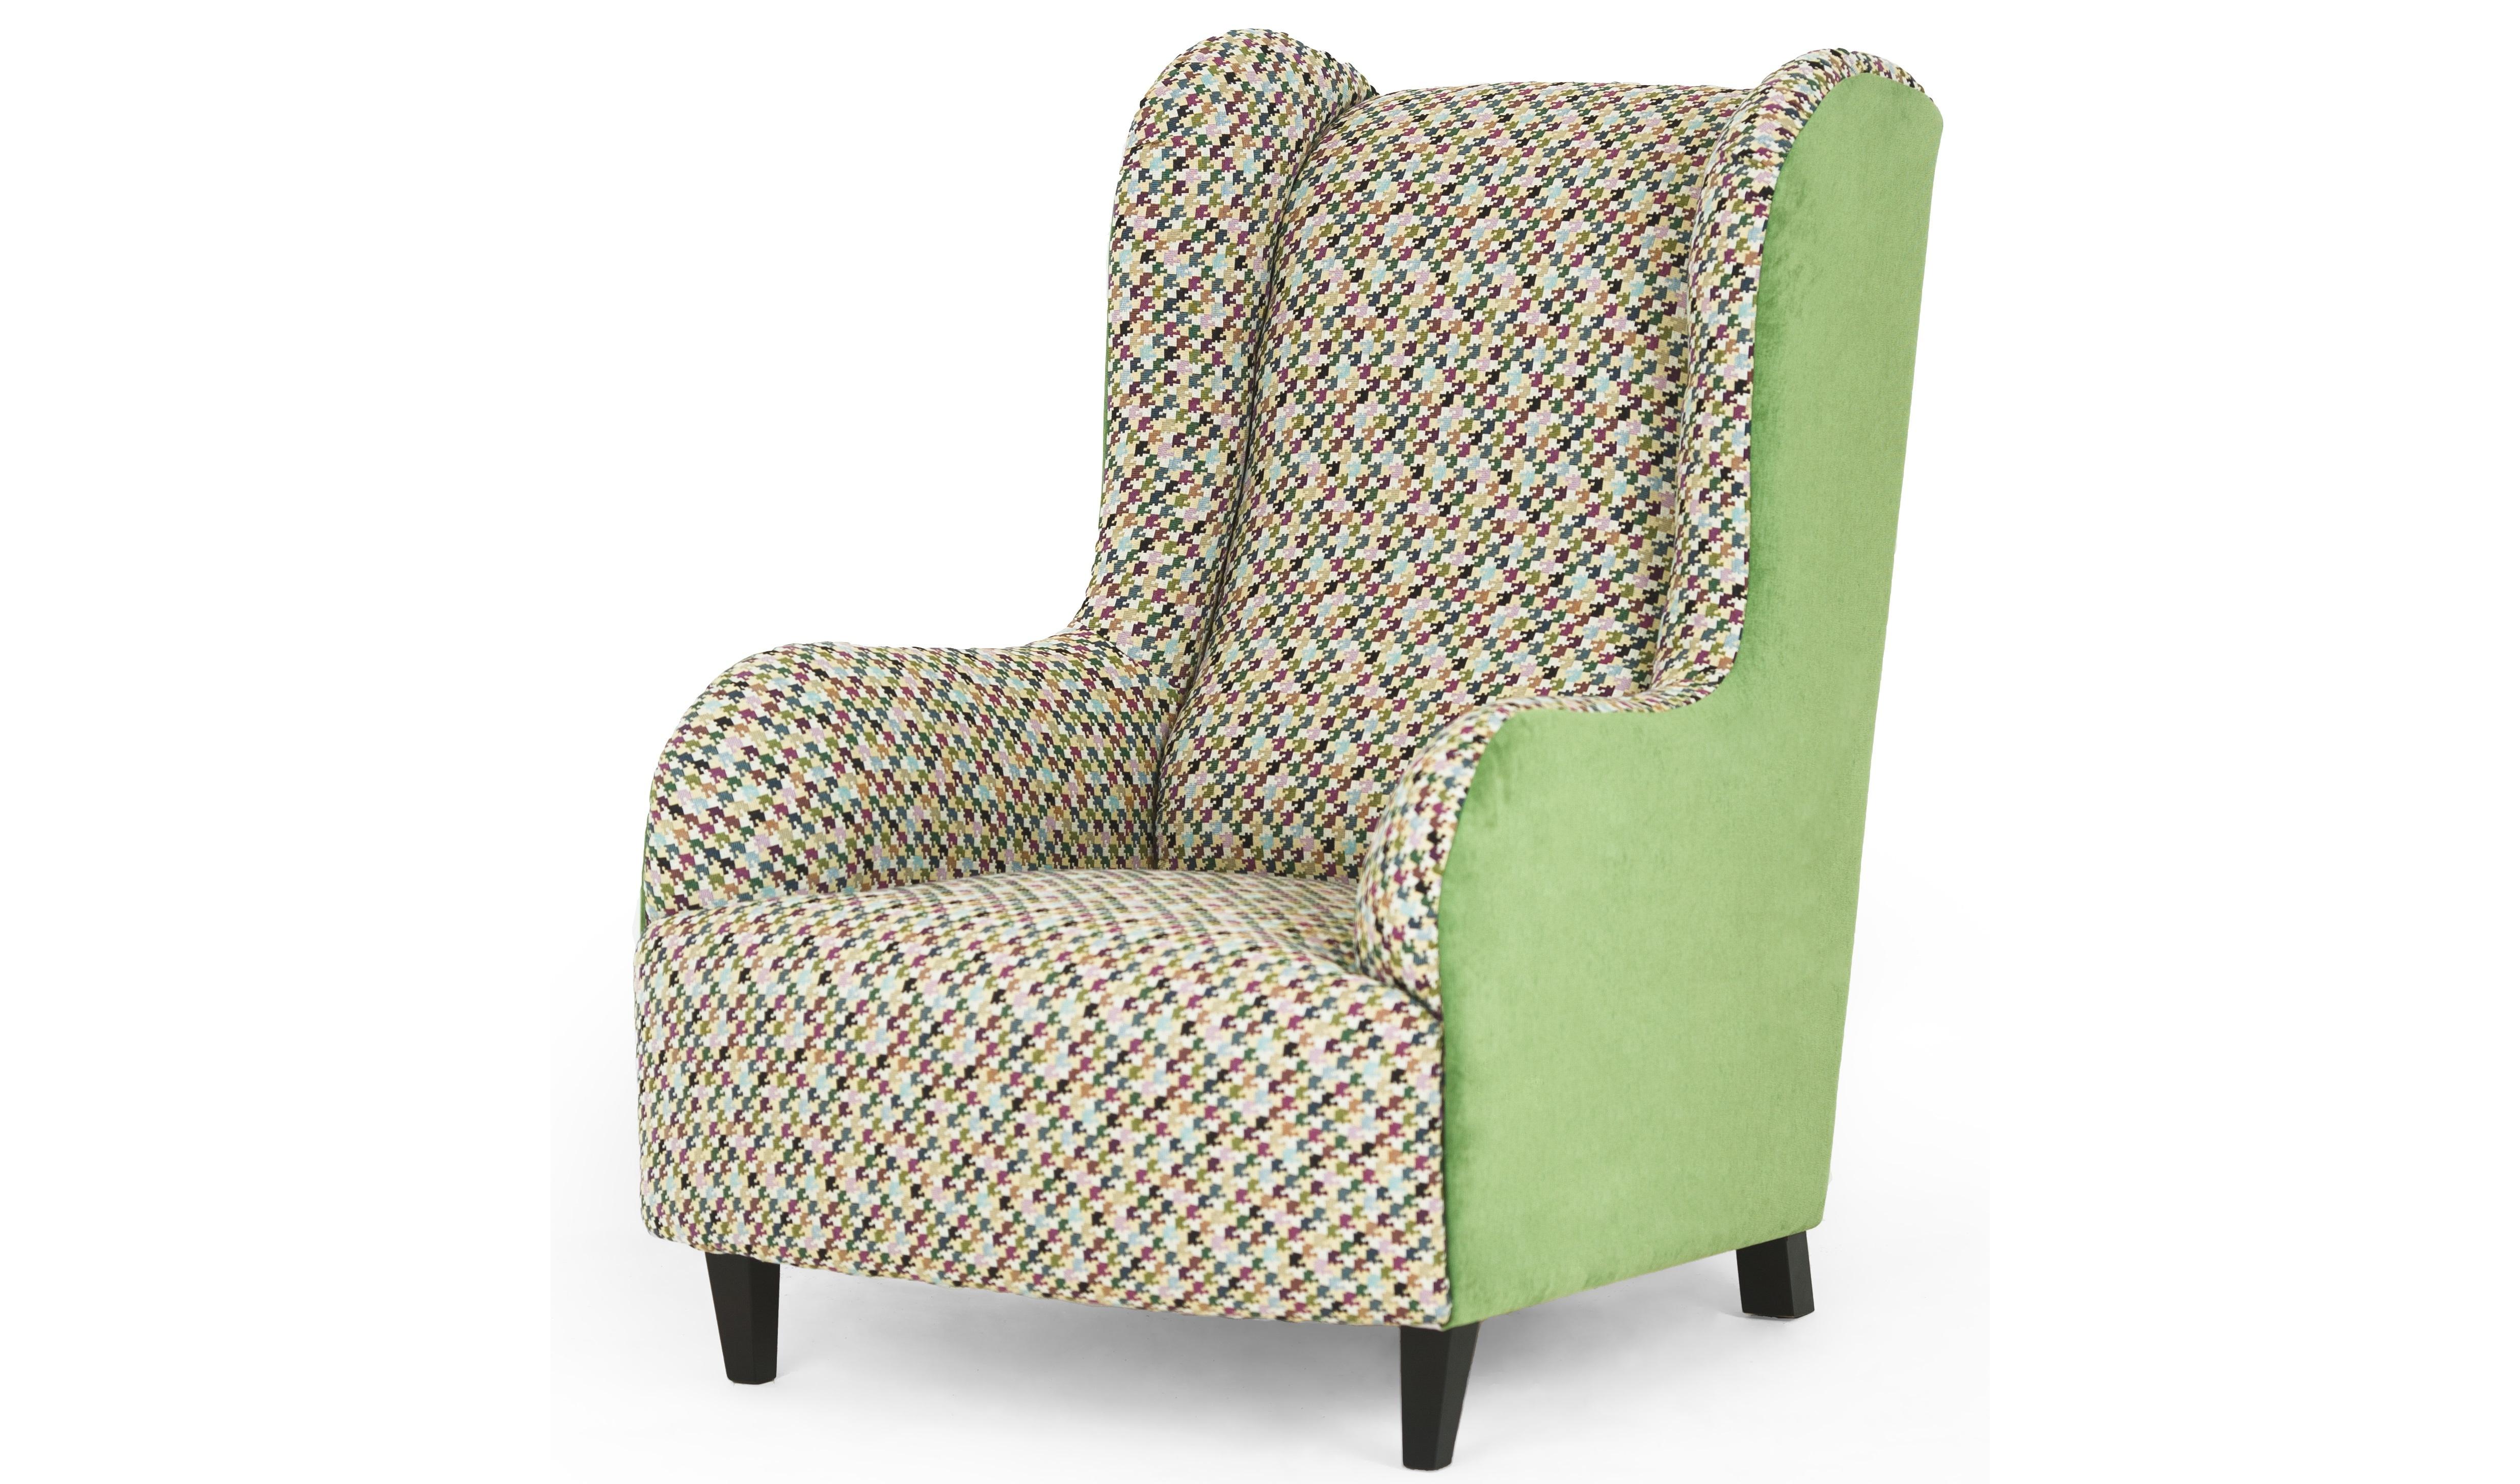 Кресло ЛондонКресла с высокой спинкой<br>&amp;lt;div&amp;gt;Вольтерское кресло дополнено современным исполнением с ортопедической связкой угла сидения и спинки.&amp;amp;nbsp;&amp;lt;/div&amp;gt;&amp;lt;div&amp;gt;Наполнение: композиционный микс из резинотканных ремней, пенополиуретана 35 в термовлагозащитном чехле из материала Hollgone.&amp;amp;nbsp;&amp;lt;/div&amp;gt;&amp;lt;div&amp;gt;&amp;lt;br&amp;gt;&amp;lt;/div&amp;gt;&amp;lt;div&amp;gt;Материал каркаса: брус, ДСП, фанера.&amp;amp;nbsp;&amp;lt;/div&amp;gt;&amp;lt;div&amp;gt;Особенность модели: высокая спинка и ортопедический угол наклона кресла.&amp;lt;/div&amp;gt;&amp;lt;div&amp;gt;Изделие можно заказать в любой ткани.&amp;lt;/div&amp;gt;<br><br>Material: Текстиль<br>Ширина см: 83<br>Высота см: 108<br>Глубина см: 99